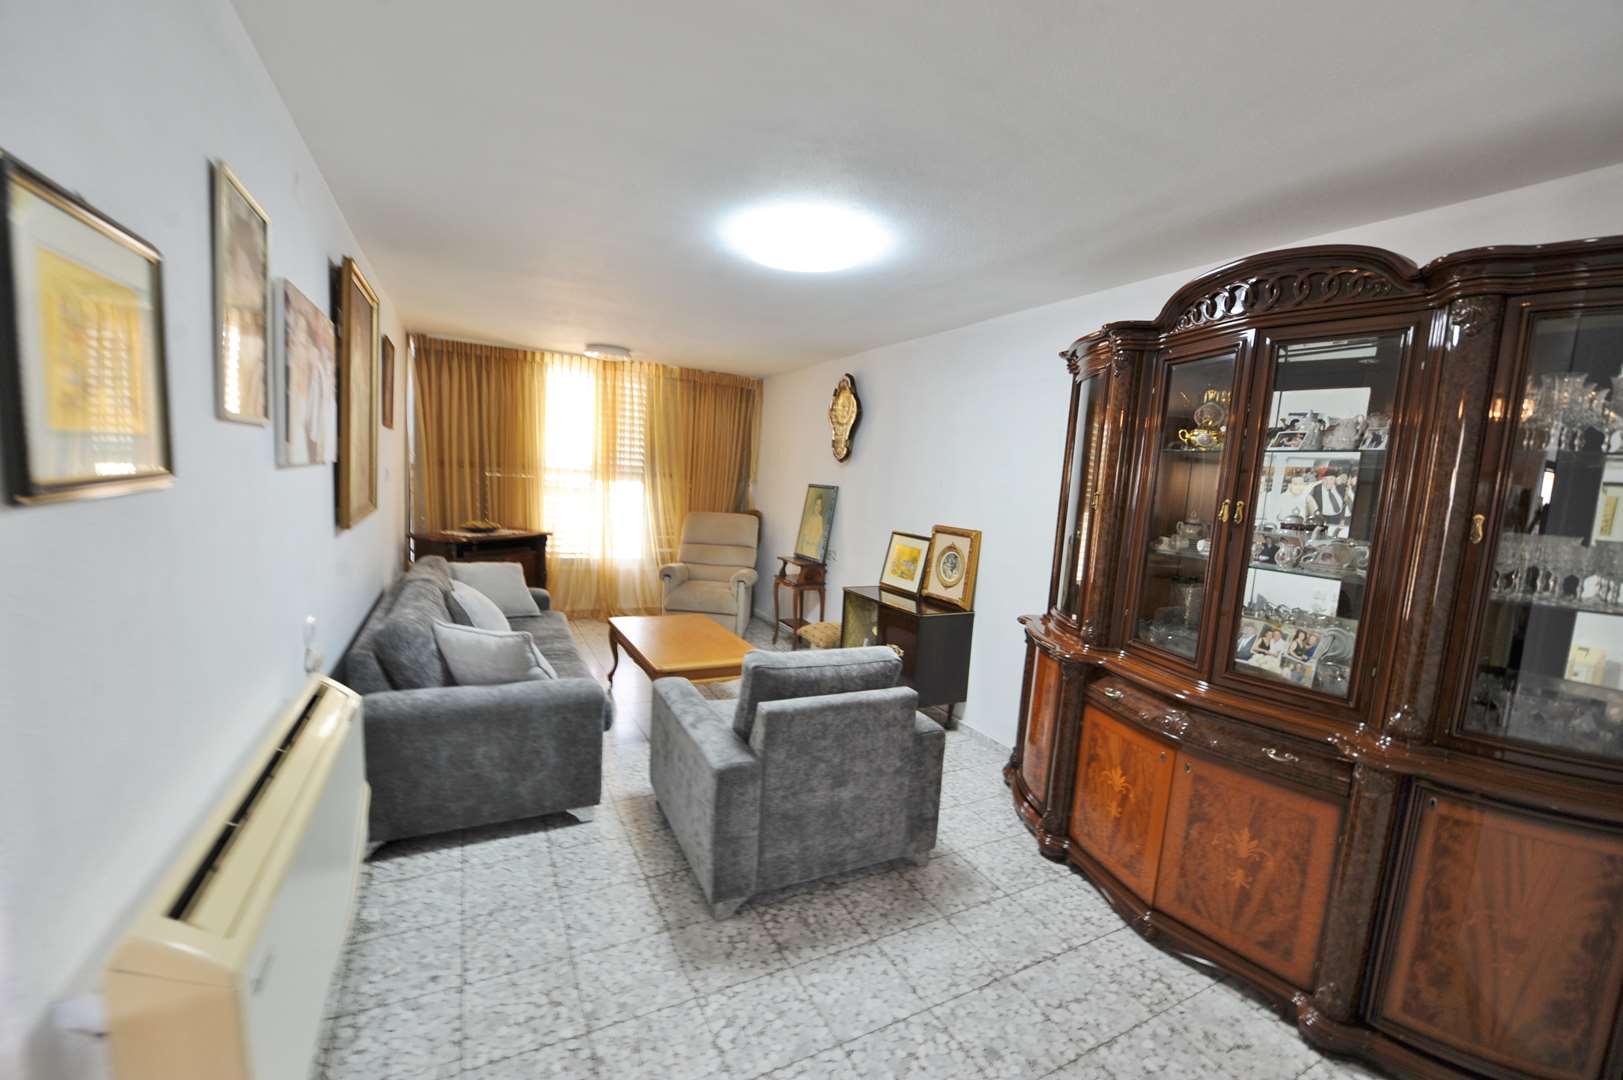 דירה להשכרה 3.5 חדרים באור יהודה הרותם קרית גיורא